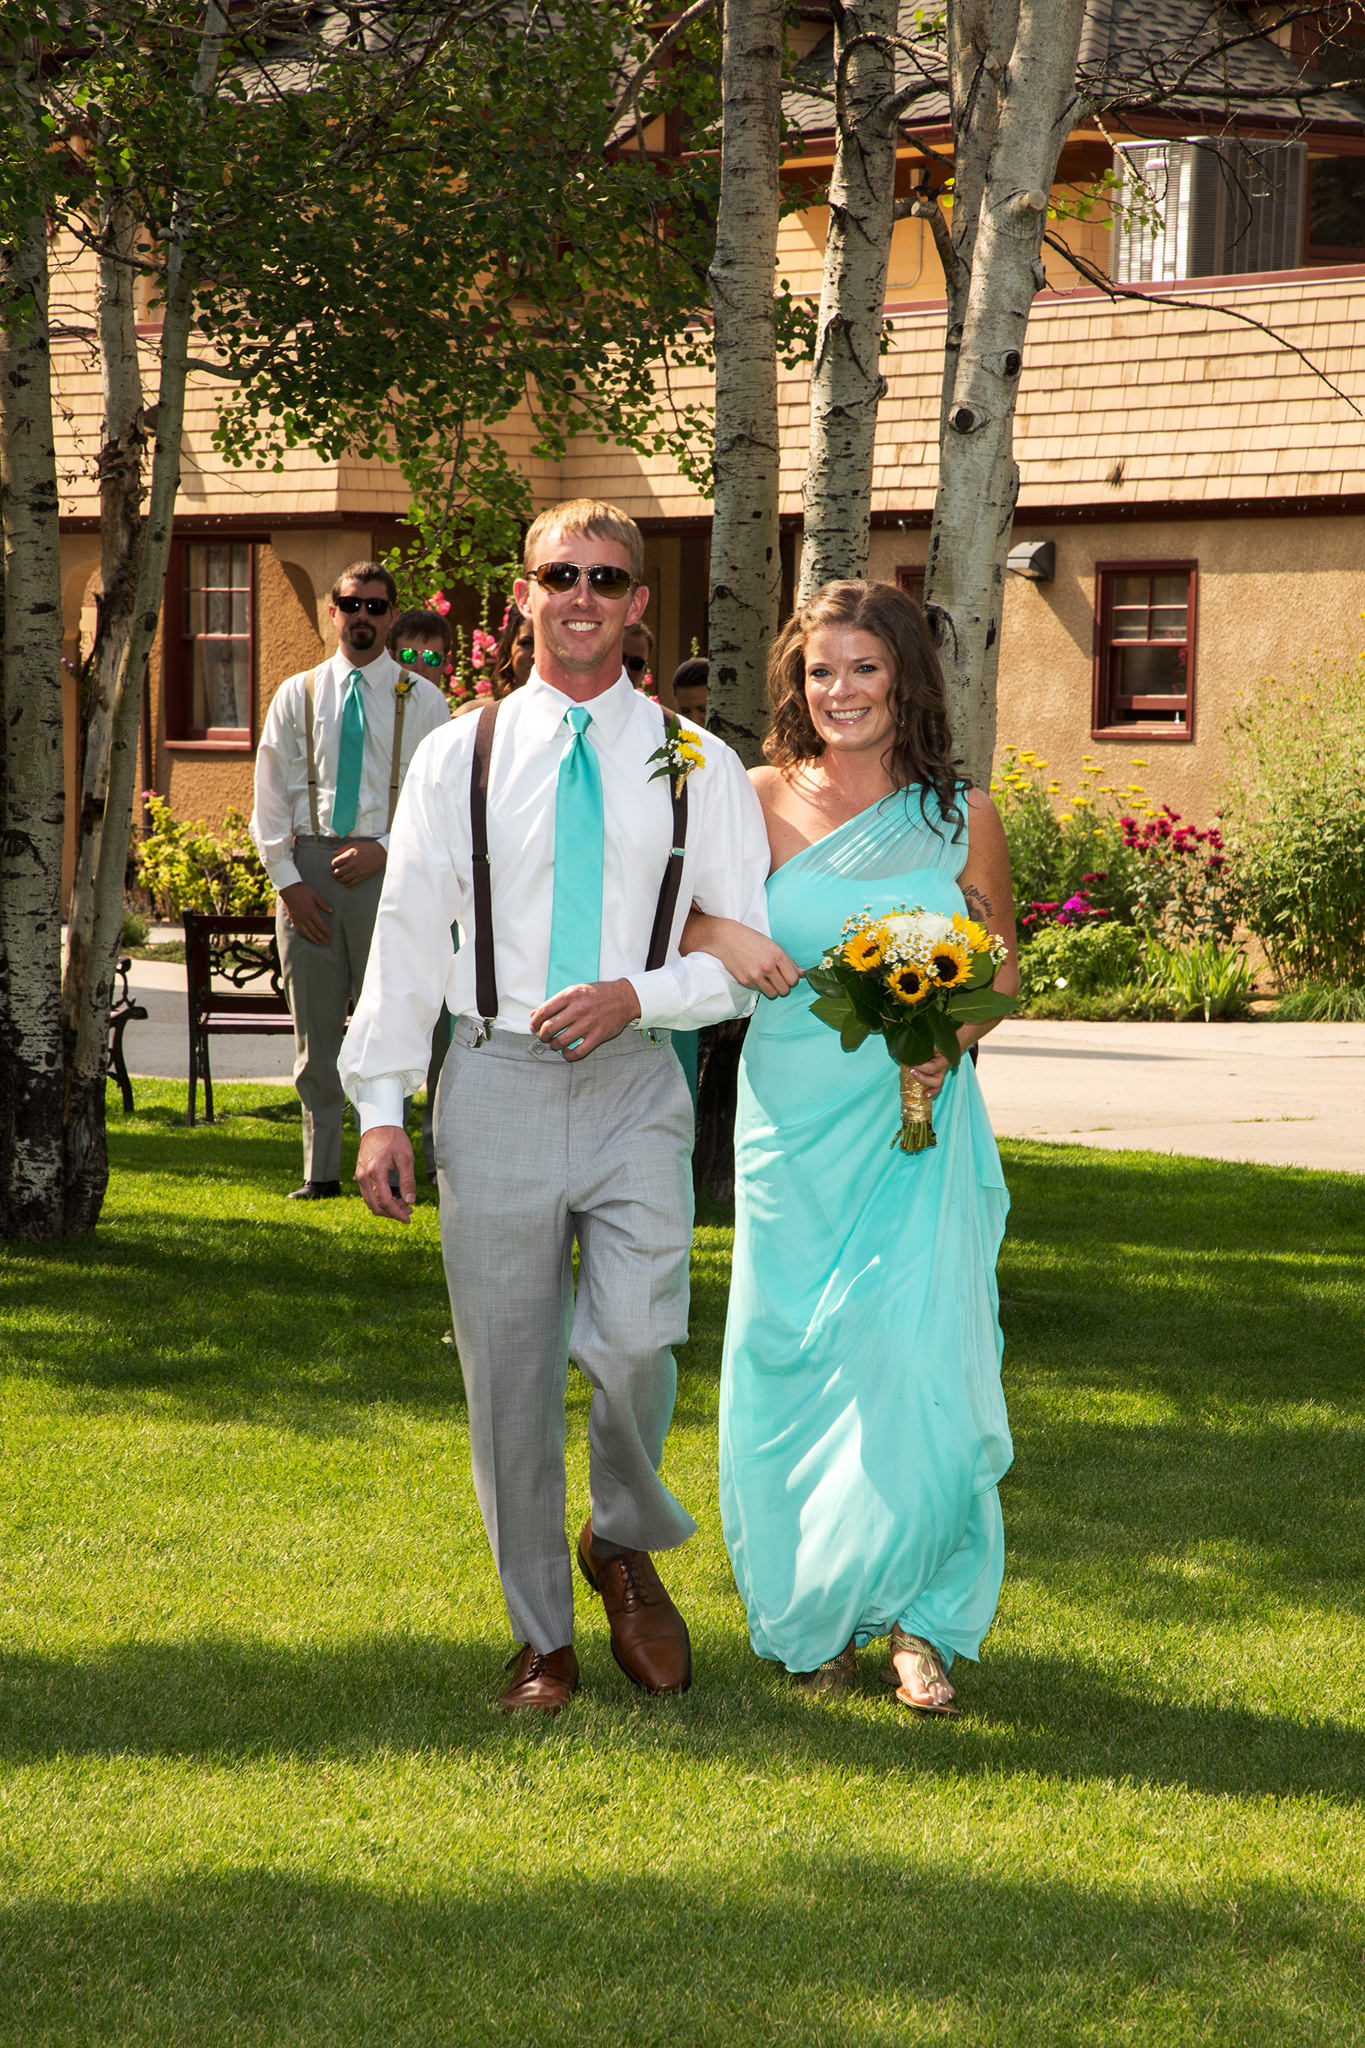 marchese_wedding_417 copy